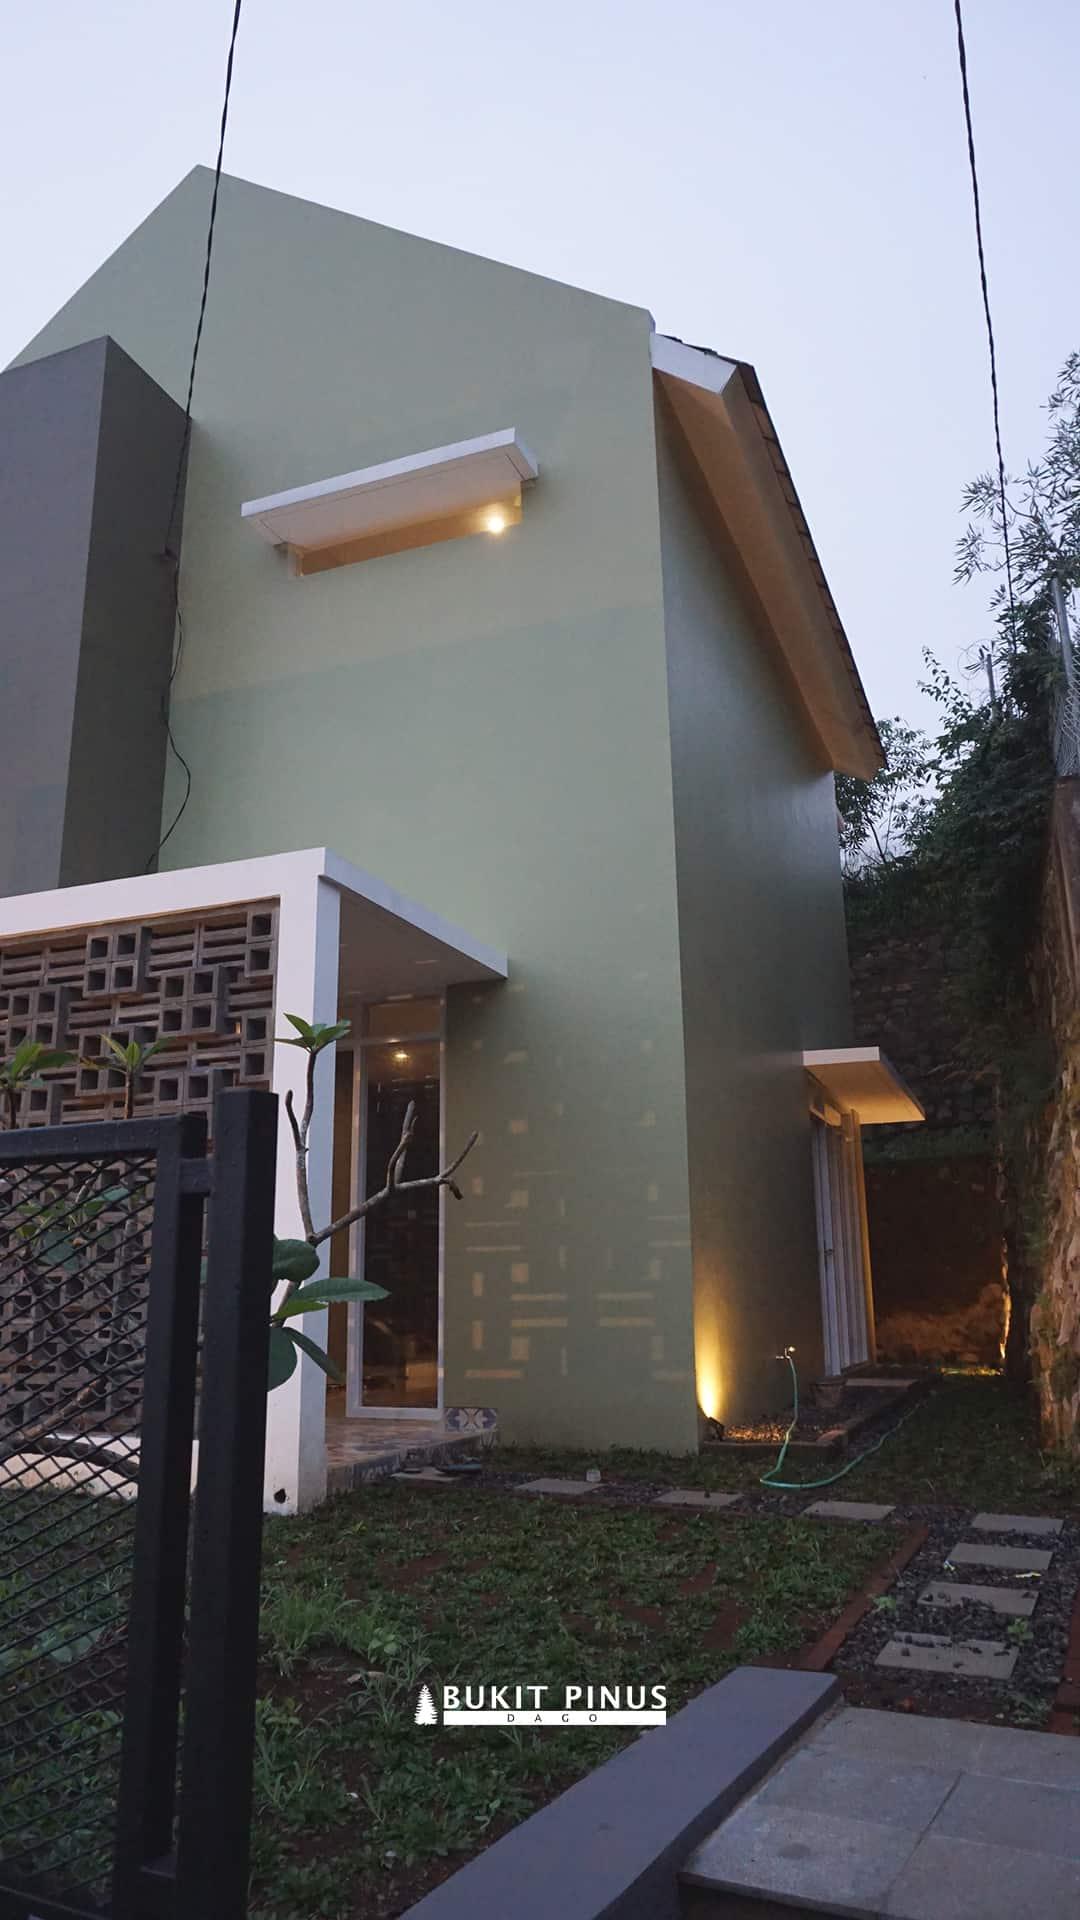 Rumah upslope